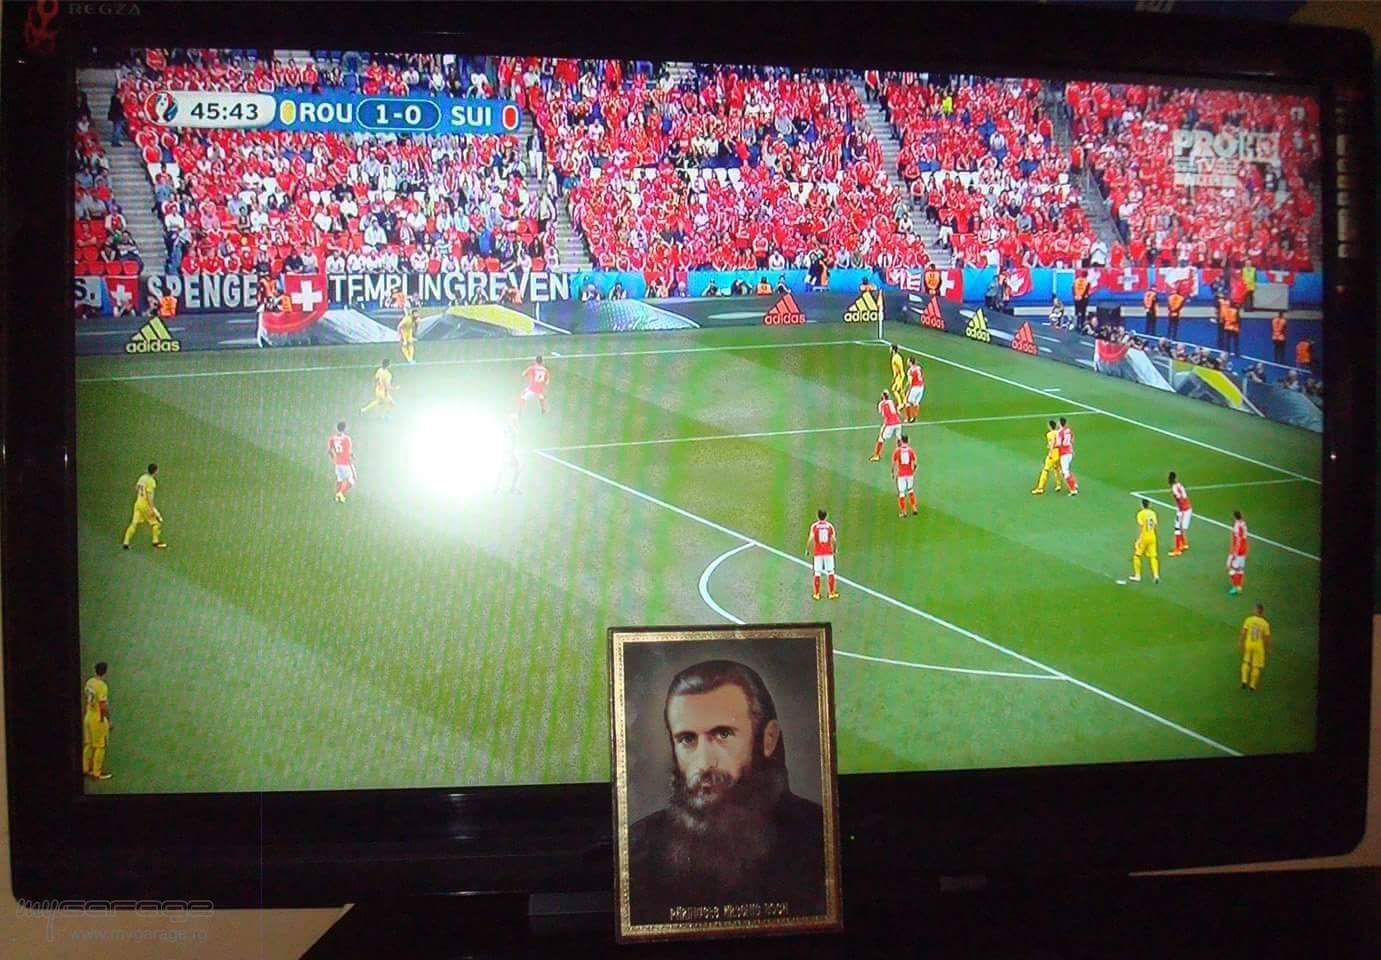 368528d1466019517-uefa-euro-2016-img_002